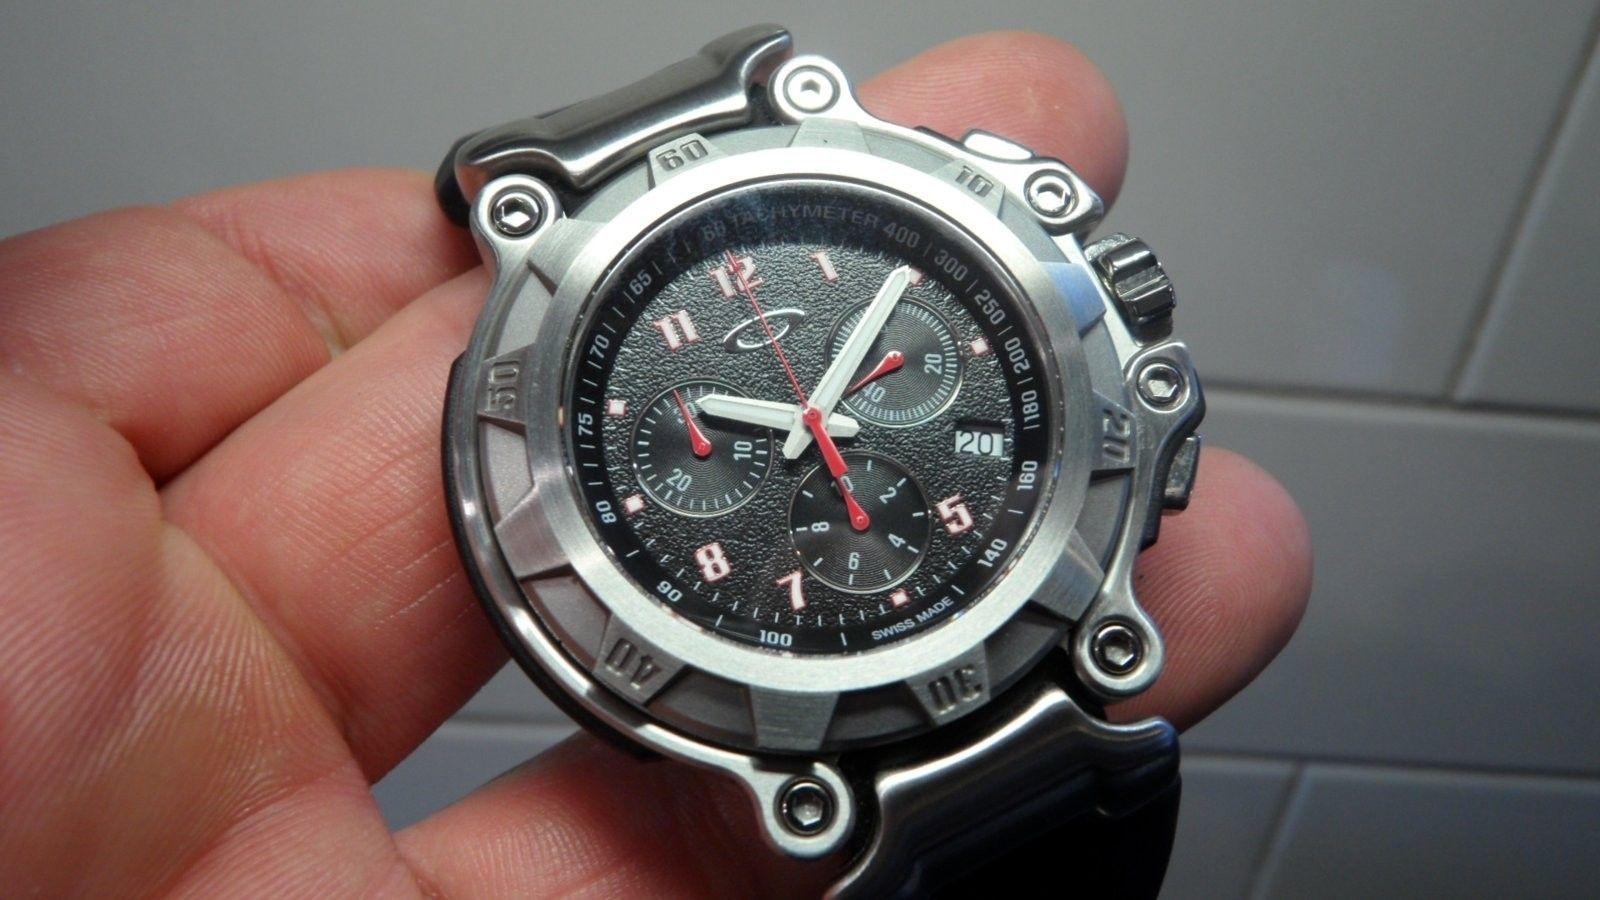 Brand New Crankcase Watch Stainless Steel/Black with Unobtanium - SAM_0016.JPG